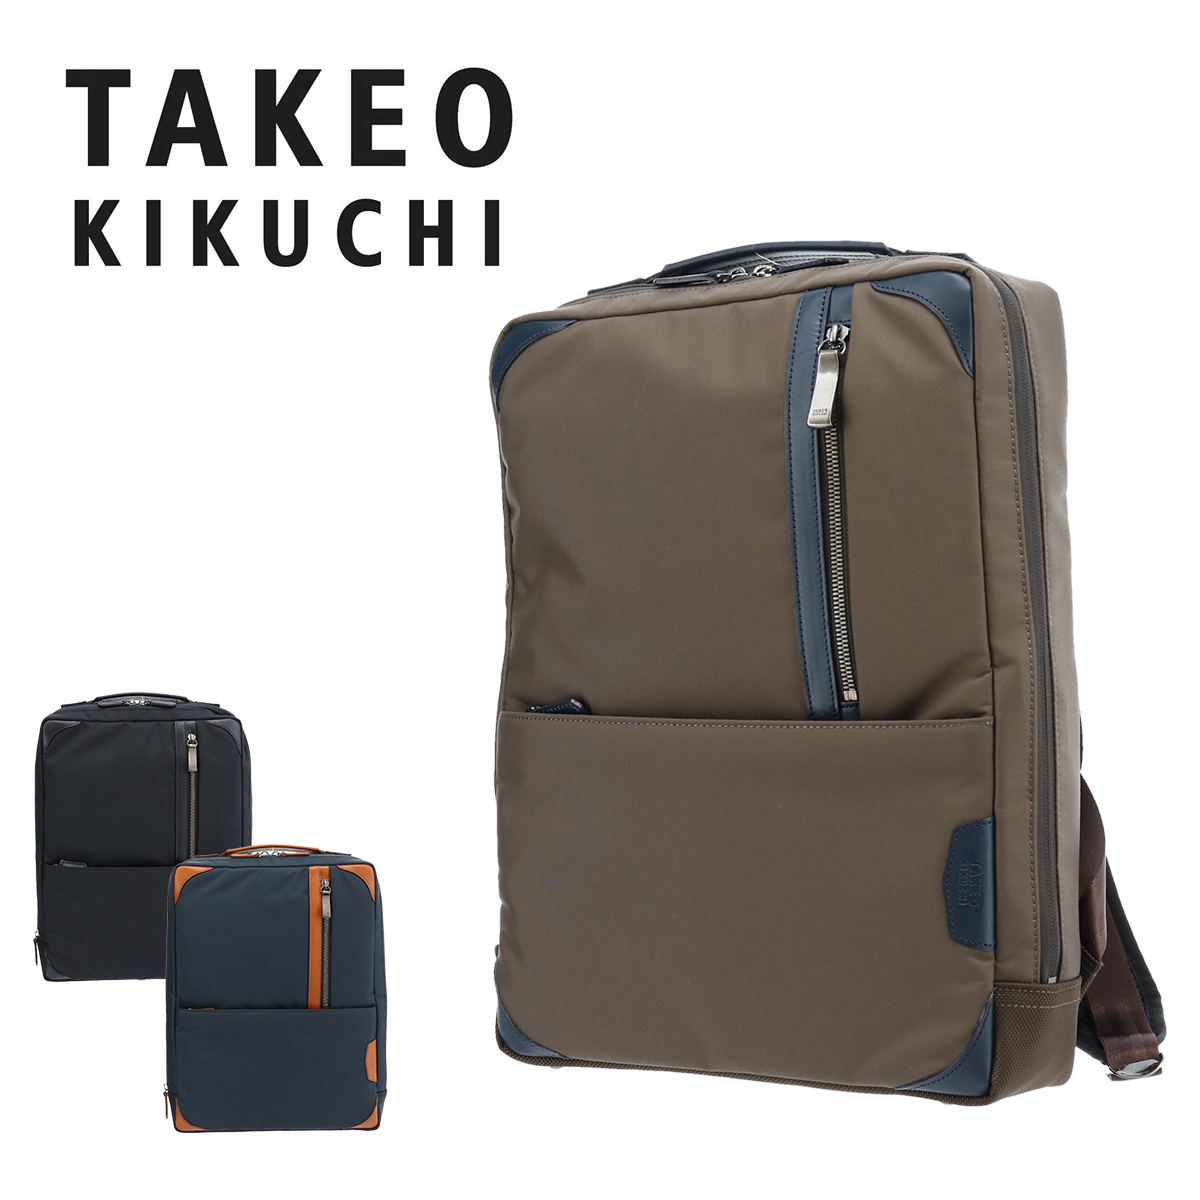 リュック タケオキクチ 2WAY ロイズ メンズ 日本製 711731 TAKEO KIKUCHI | ビジネスバッグ ビジネスリュック A4 キクチタケオ [PO5][bef]